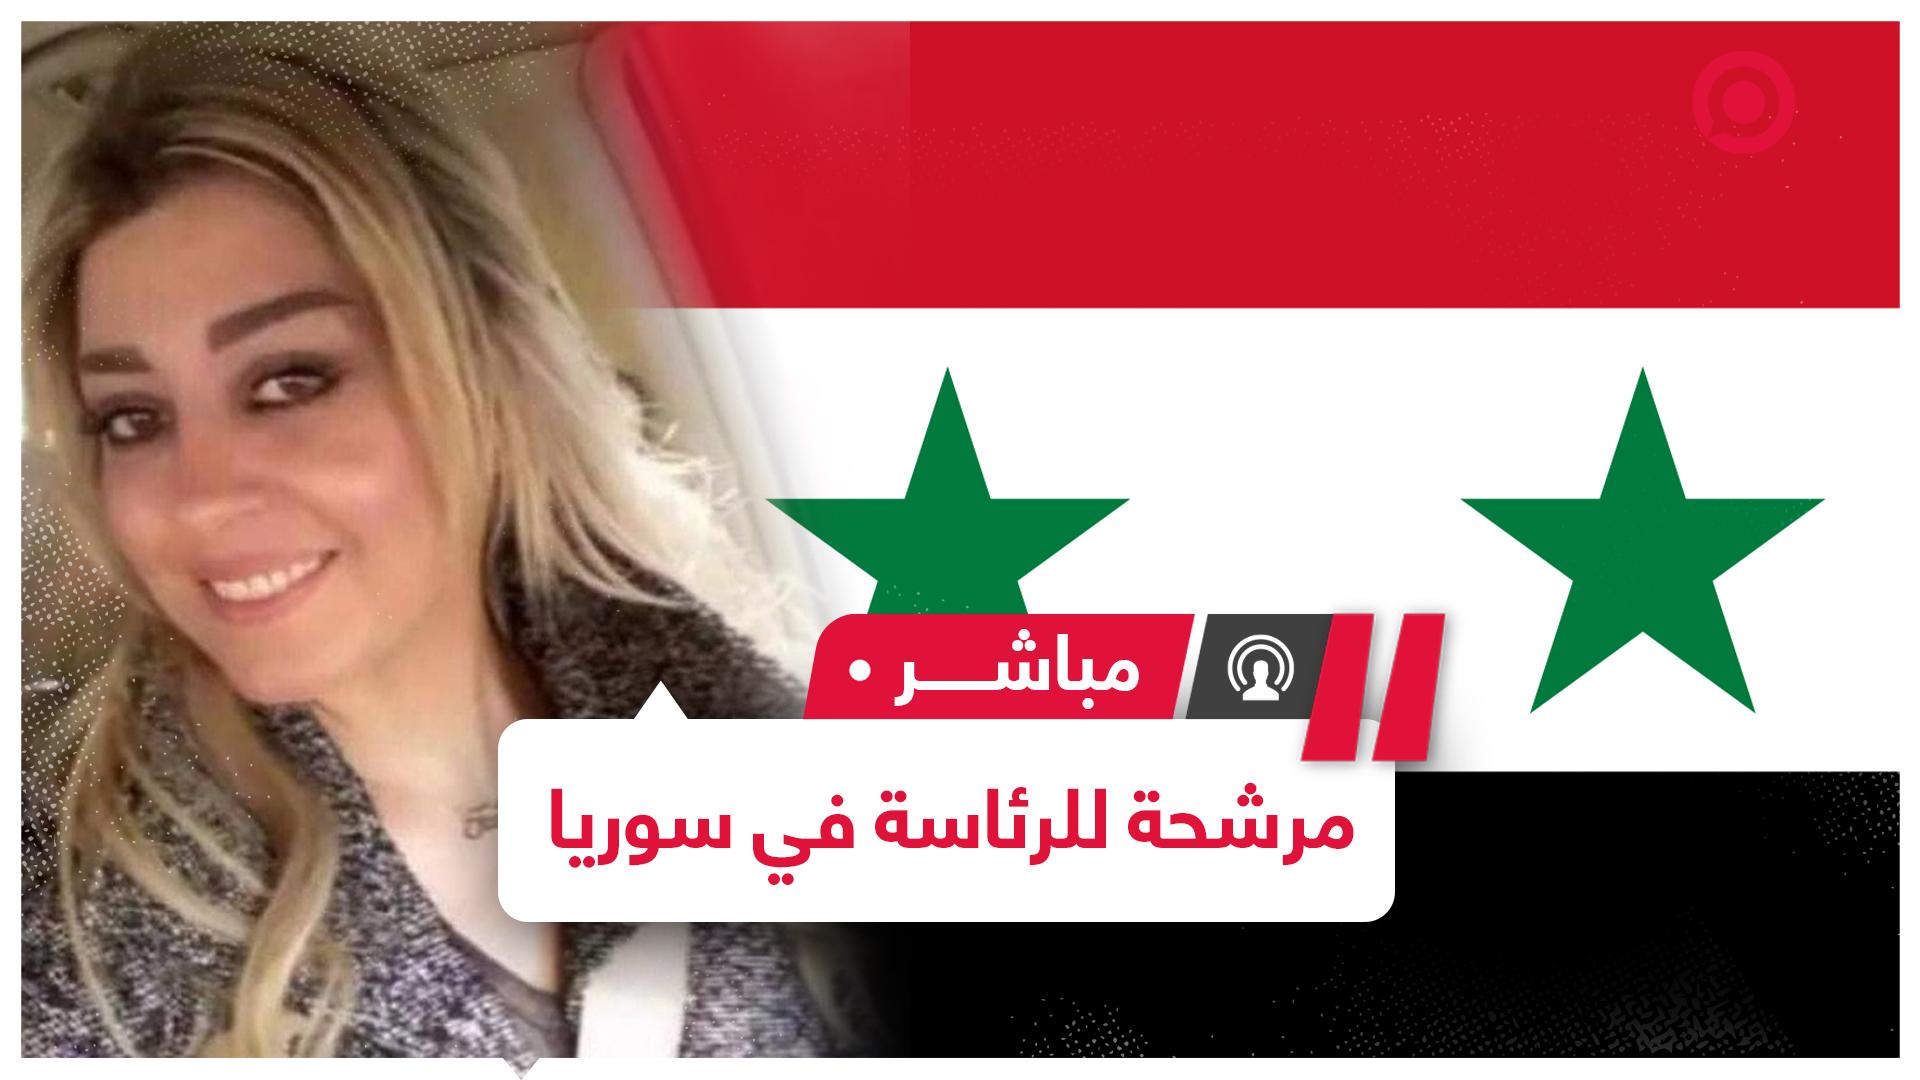 فاتن نهار.. أول امرأة تتقدم بطلب الترشح لخوض انتخابات الرئاسة في سوريا